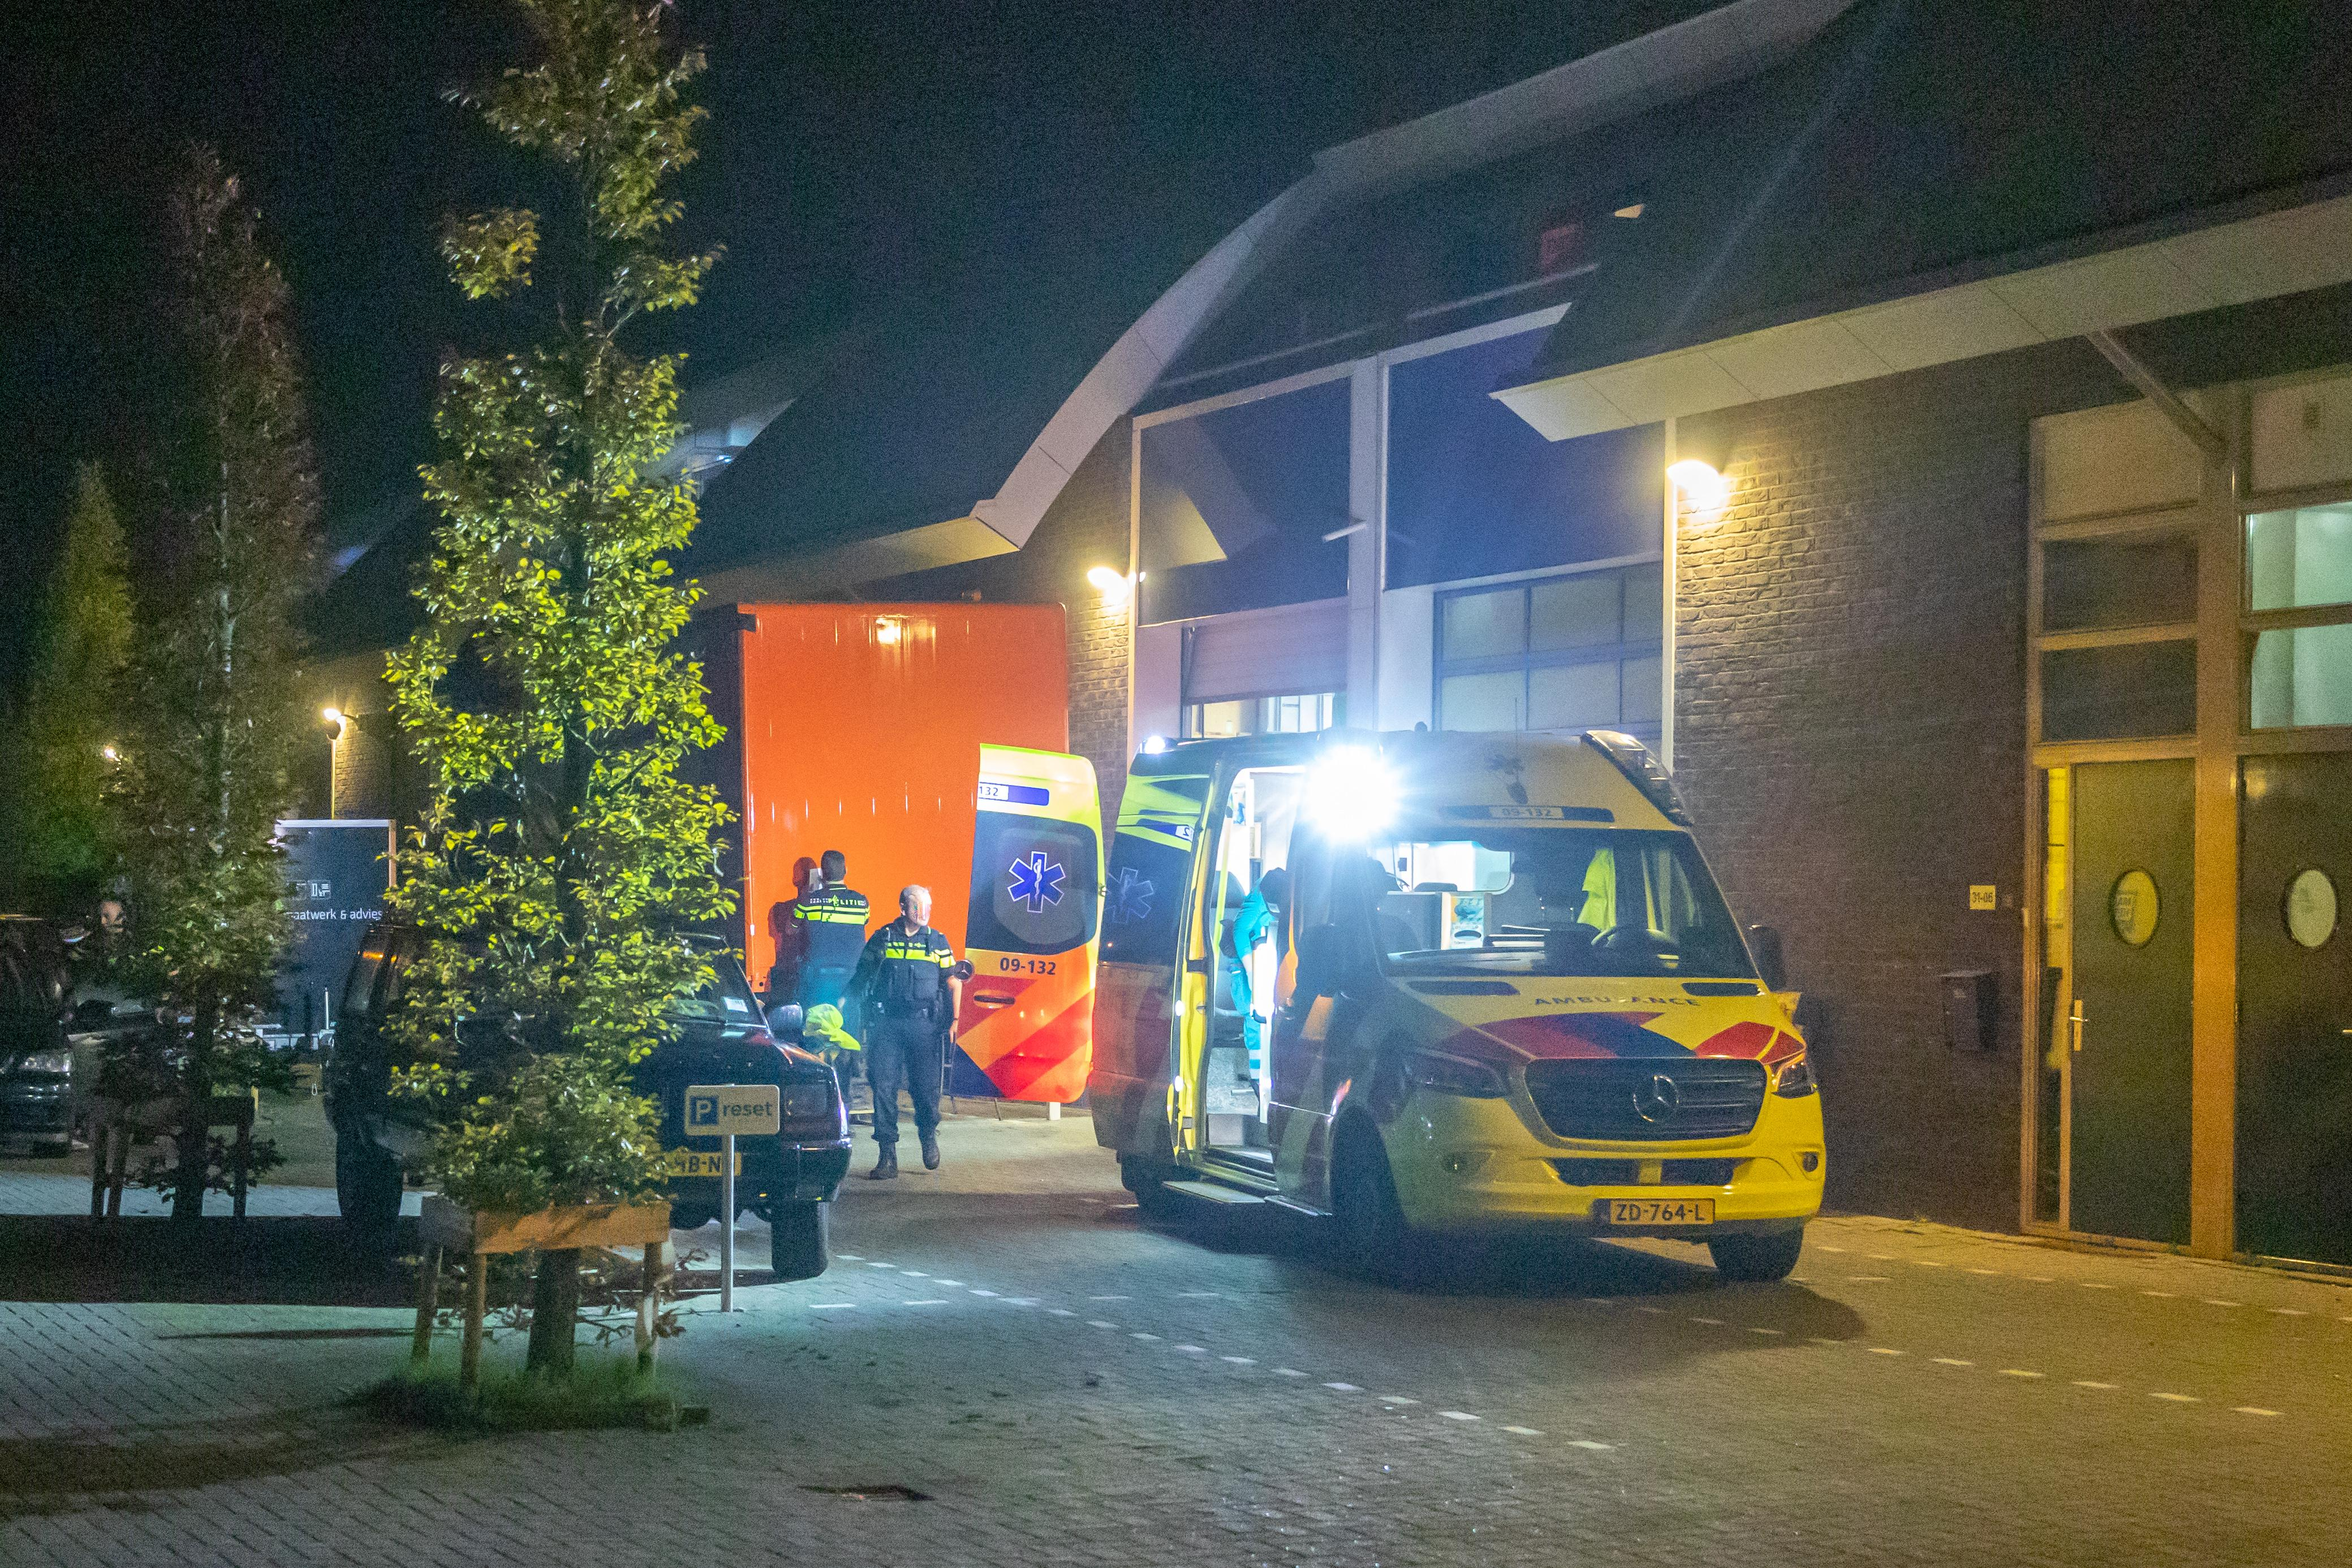 Vrouw (45) uit Amstelveen verdacht van steekpartij in Eemnesser loods. Slachtoffer is 54-jarige Baarnaar